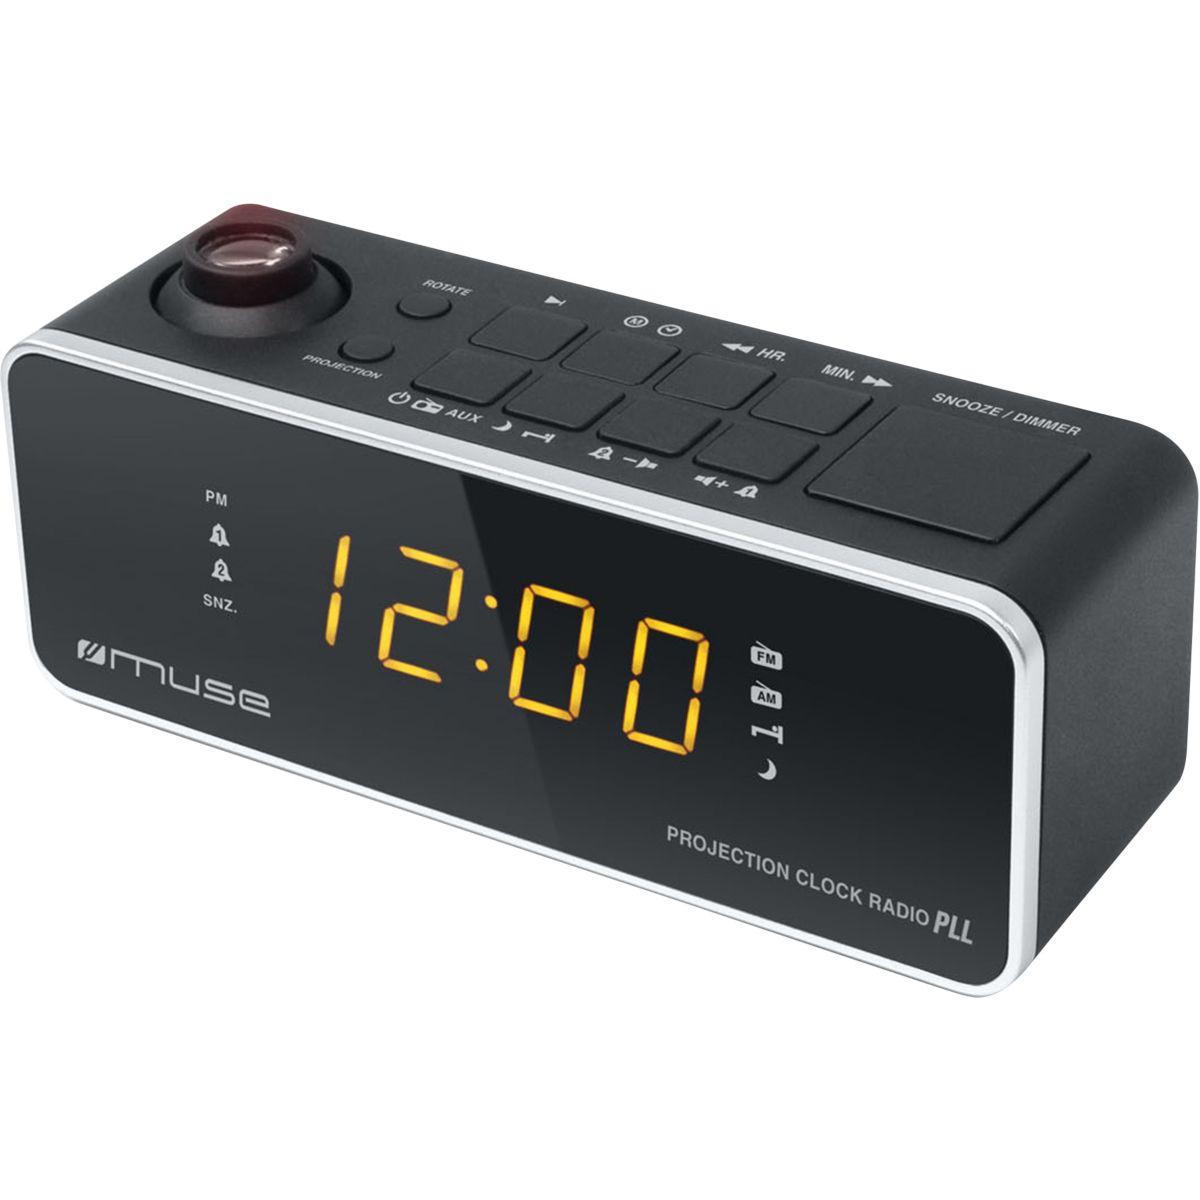 Radio-réveil muse m-188 p - 20% de remise immédiate avec le code : multi20 (photo)